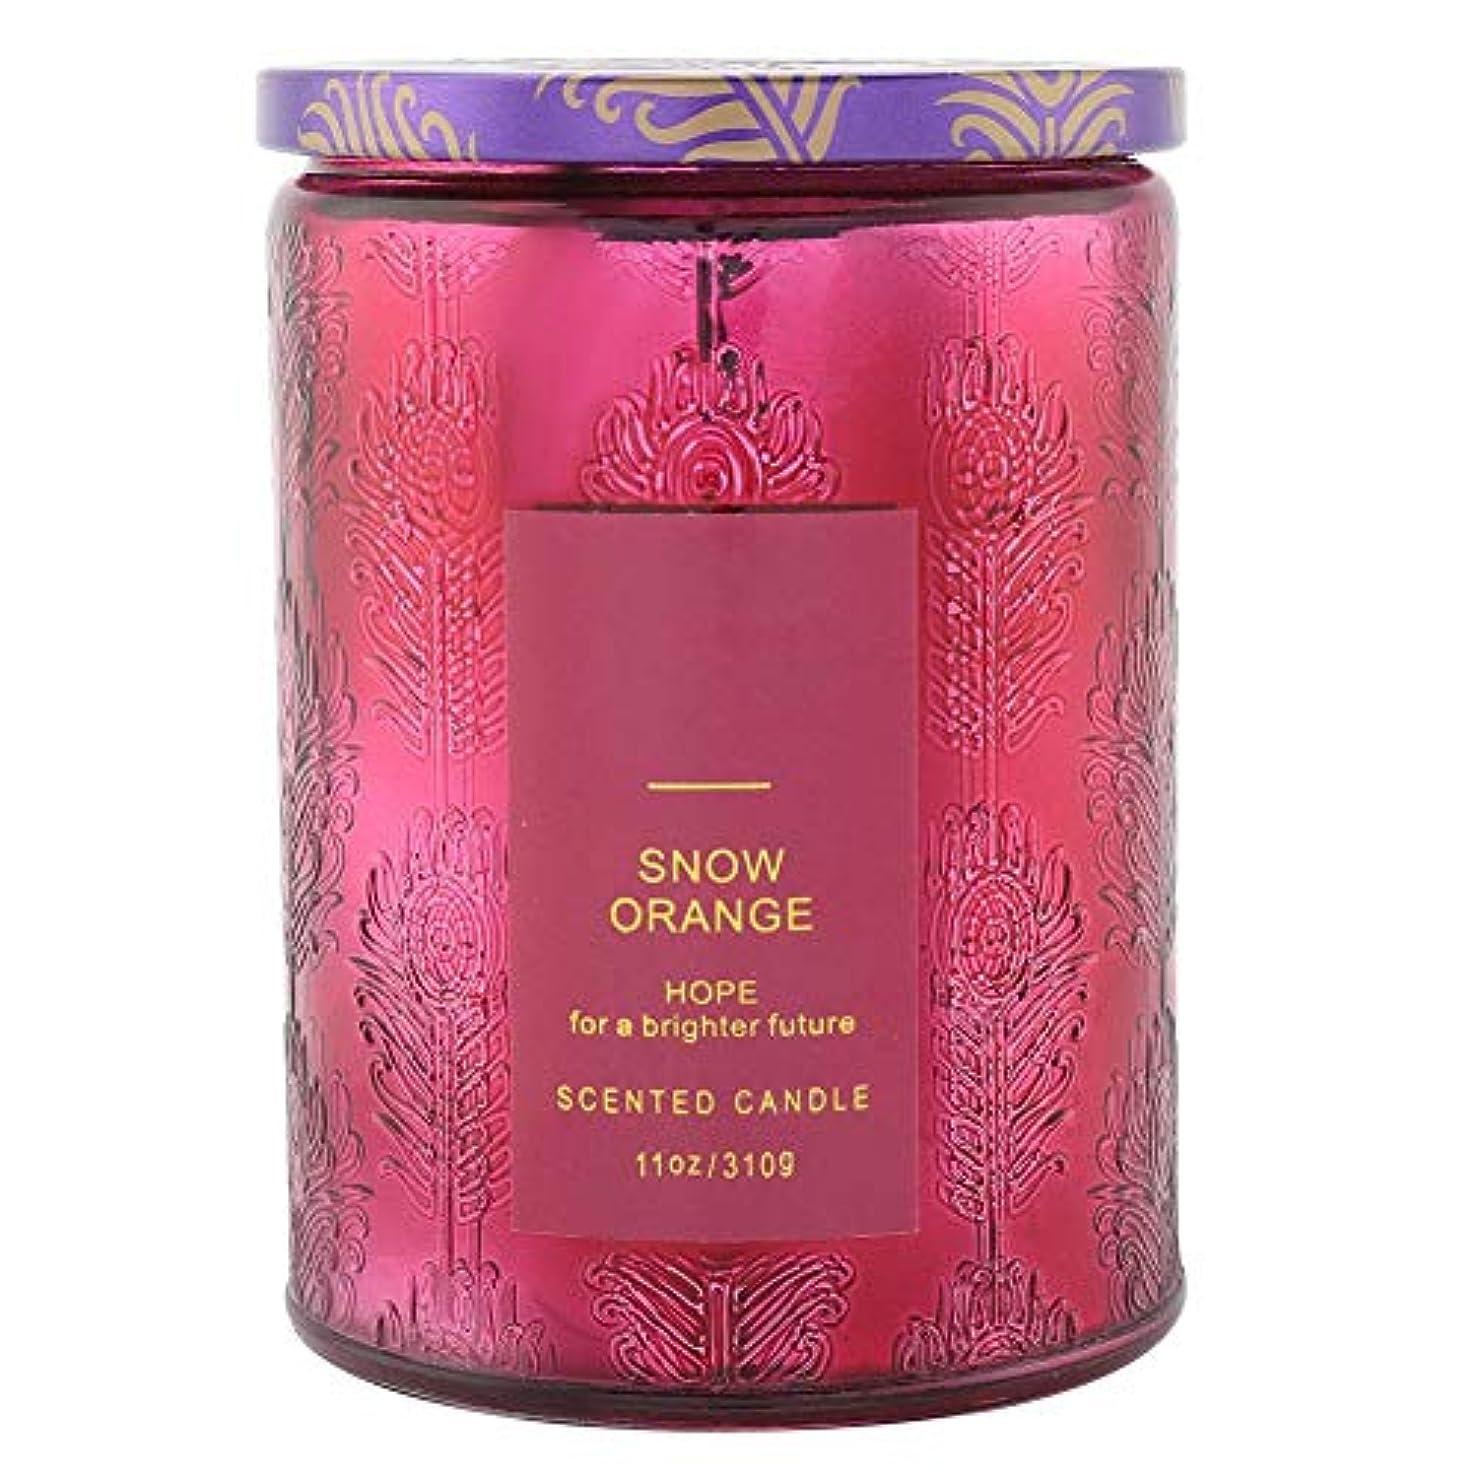 レザー科学者発信オレンジ香料入りキャンドル、繊細な香料入りキャンドルフルーツフレグランスワックスエッセンシャルオイルディフューザーキャンドル